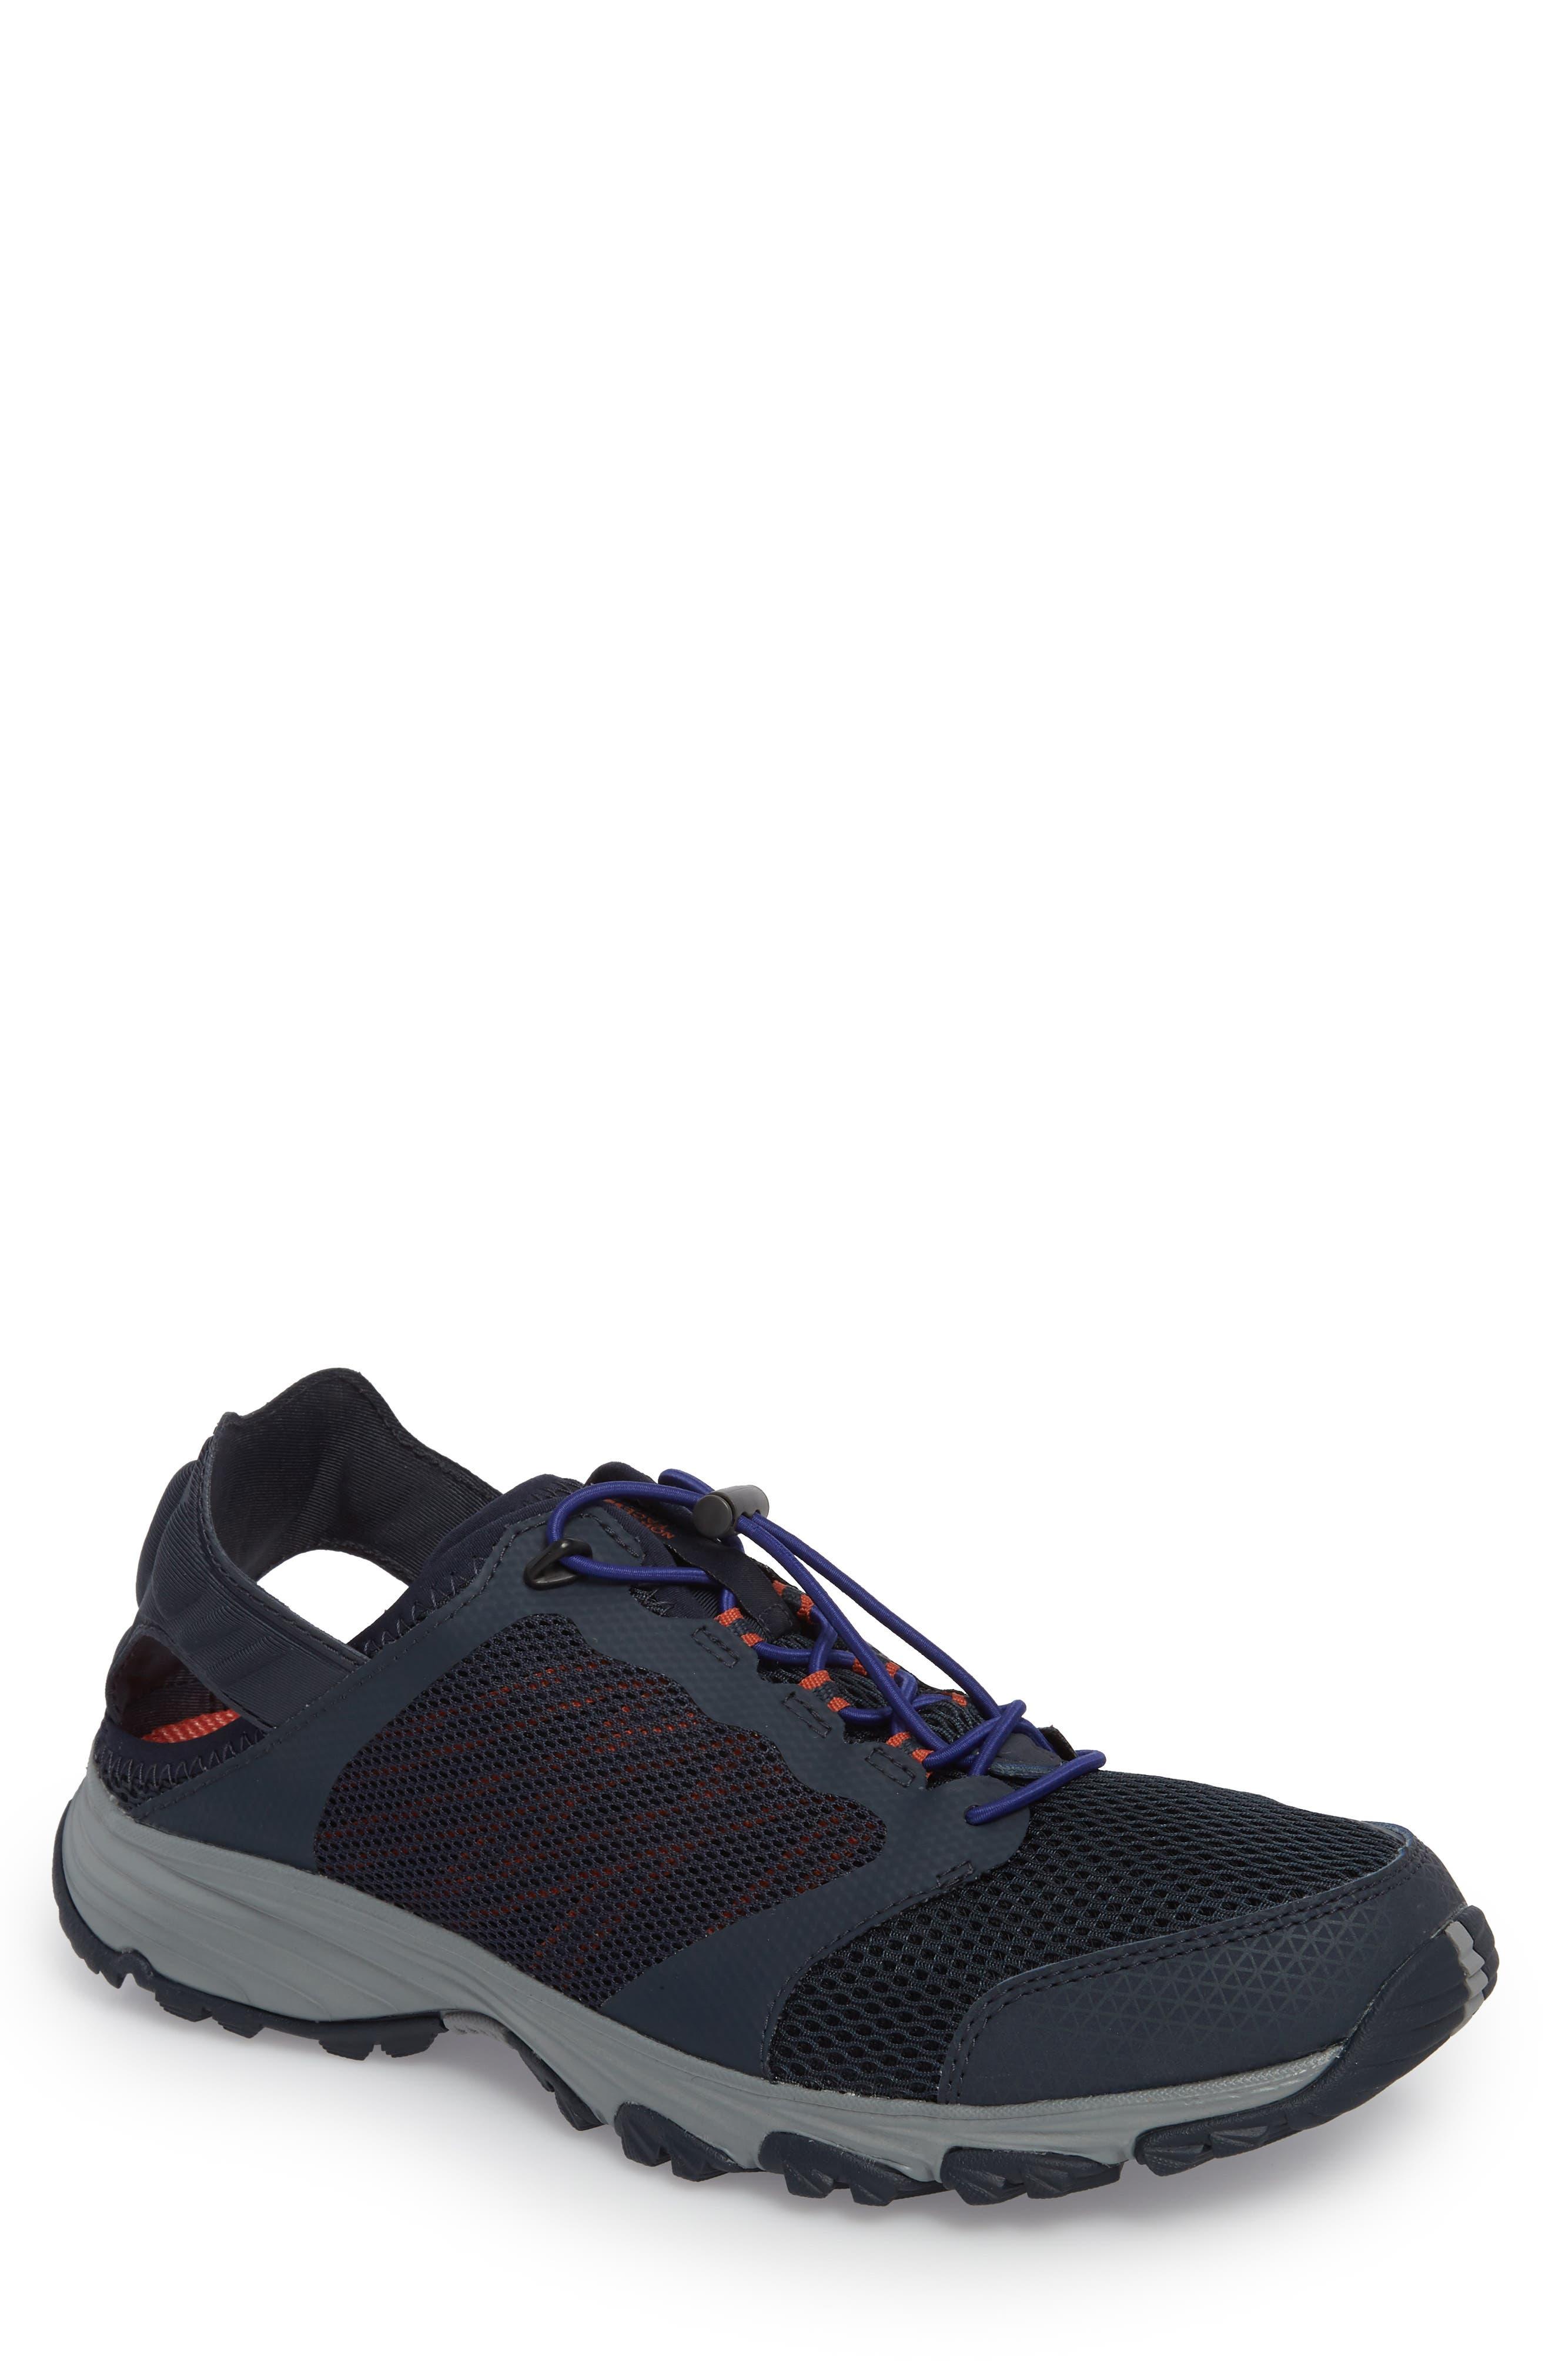 Litewave Amphibious II Collapsible Sneaker,                         Main,                         color, Urban Navy/ Brit Blue